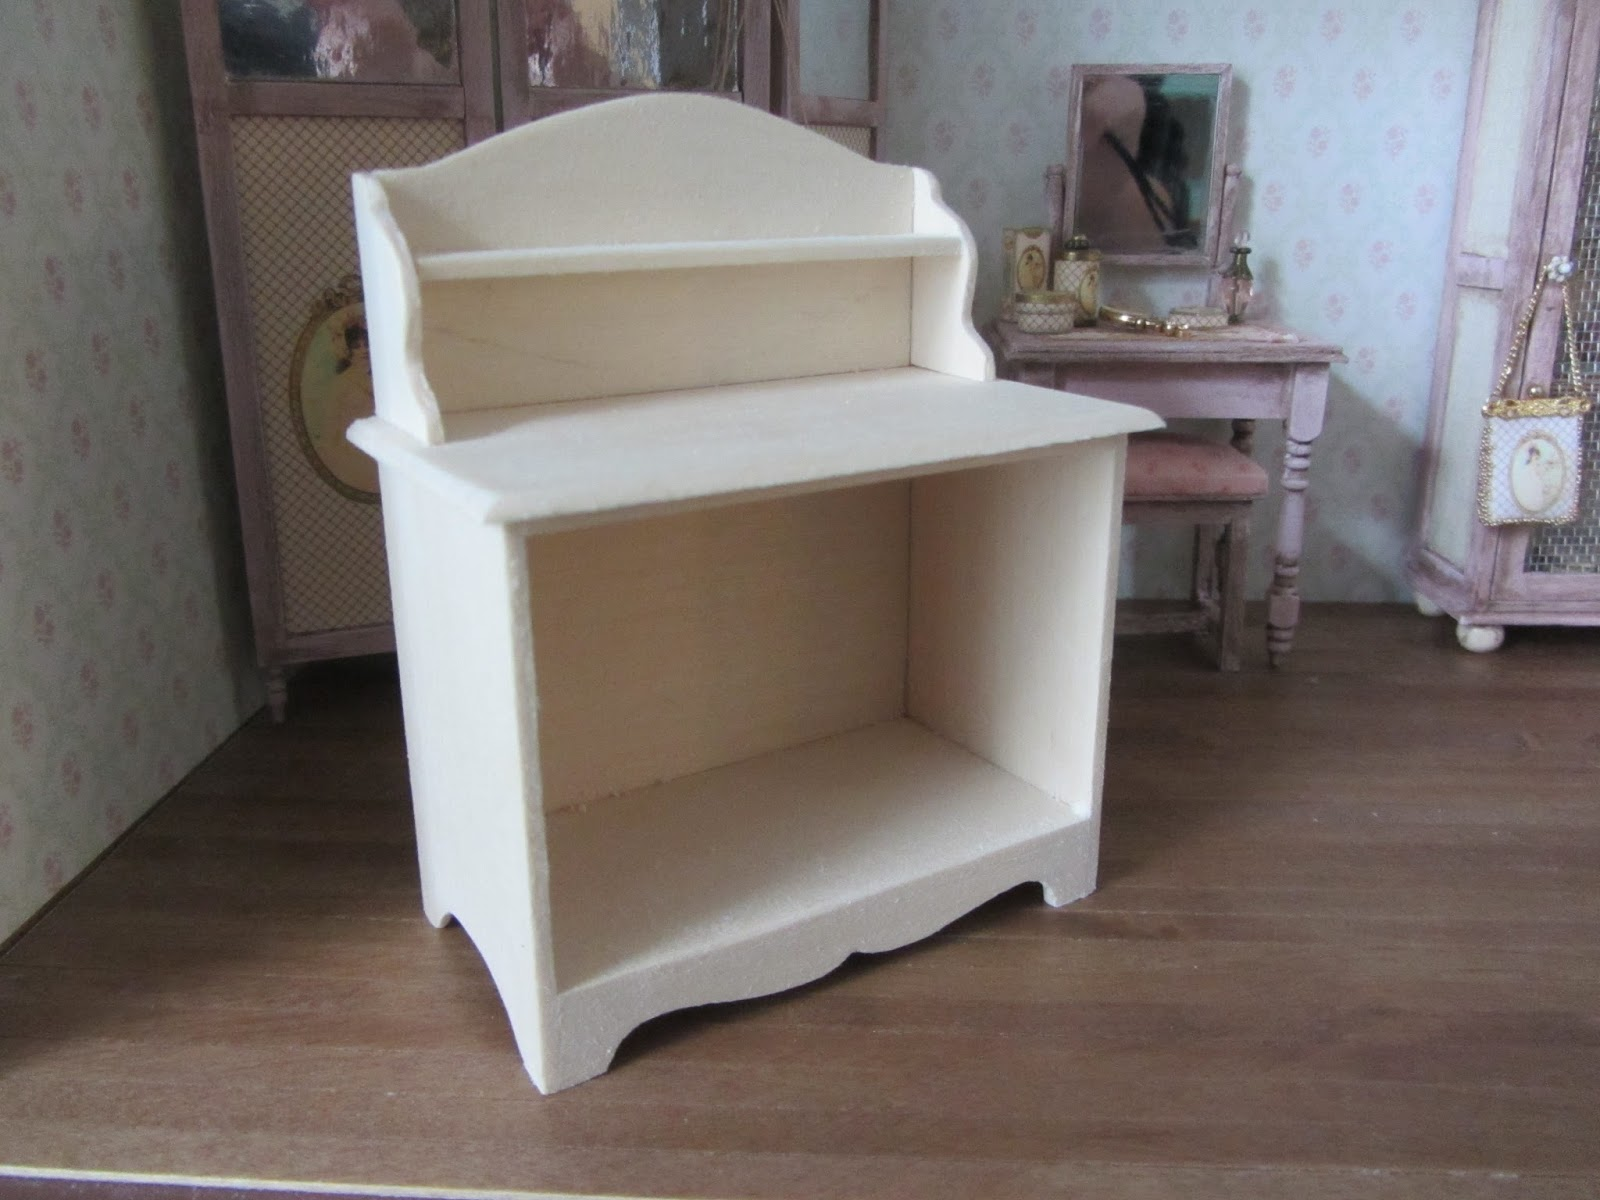 nostalgie in 1 12 eine idee hat sich verselbstst ndigt. Black Bedroom Furniture Sets. Home Design Ideas